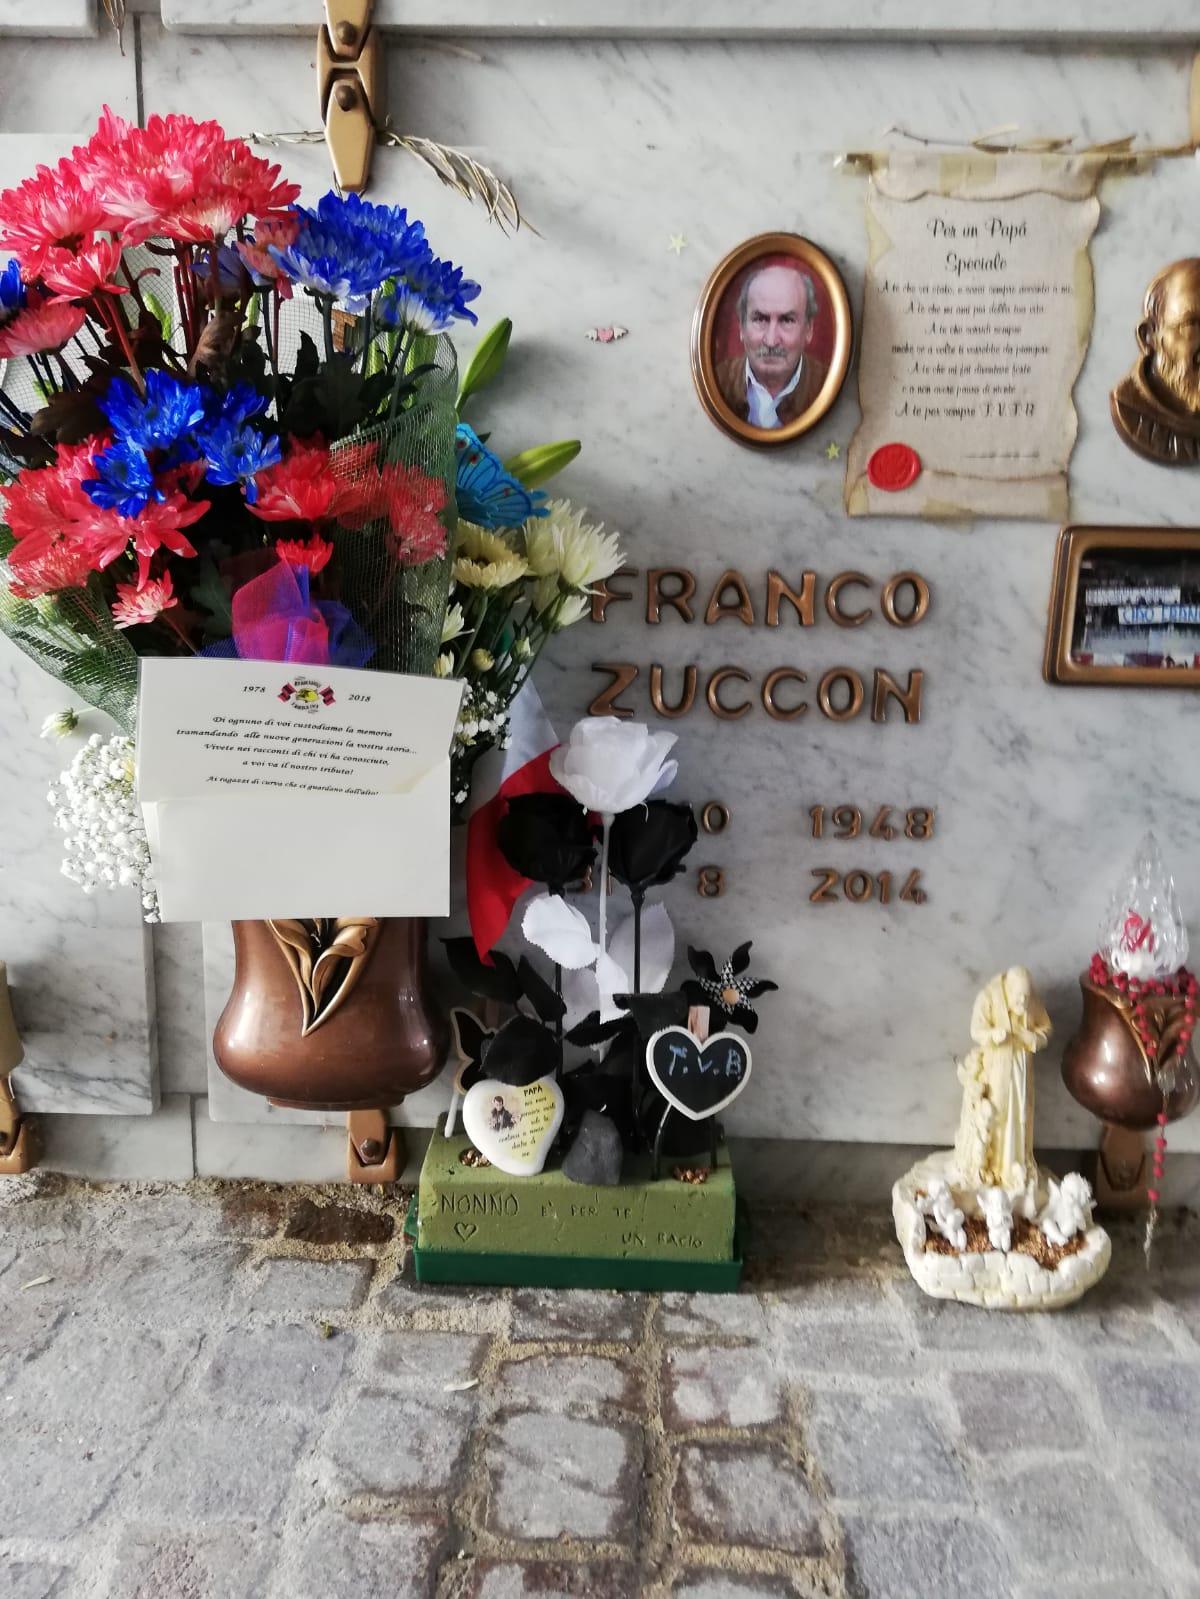 In memoria di Franco Zuccon Sabato 20 Ottobre 2018 in occasione dei 40 anni Red Blue Eagles L'Aquila 1978